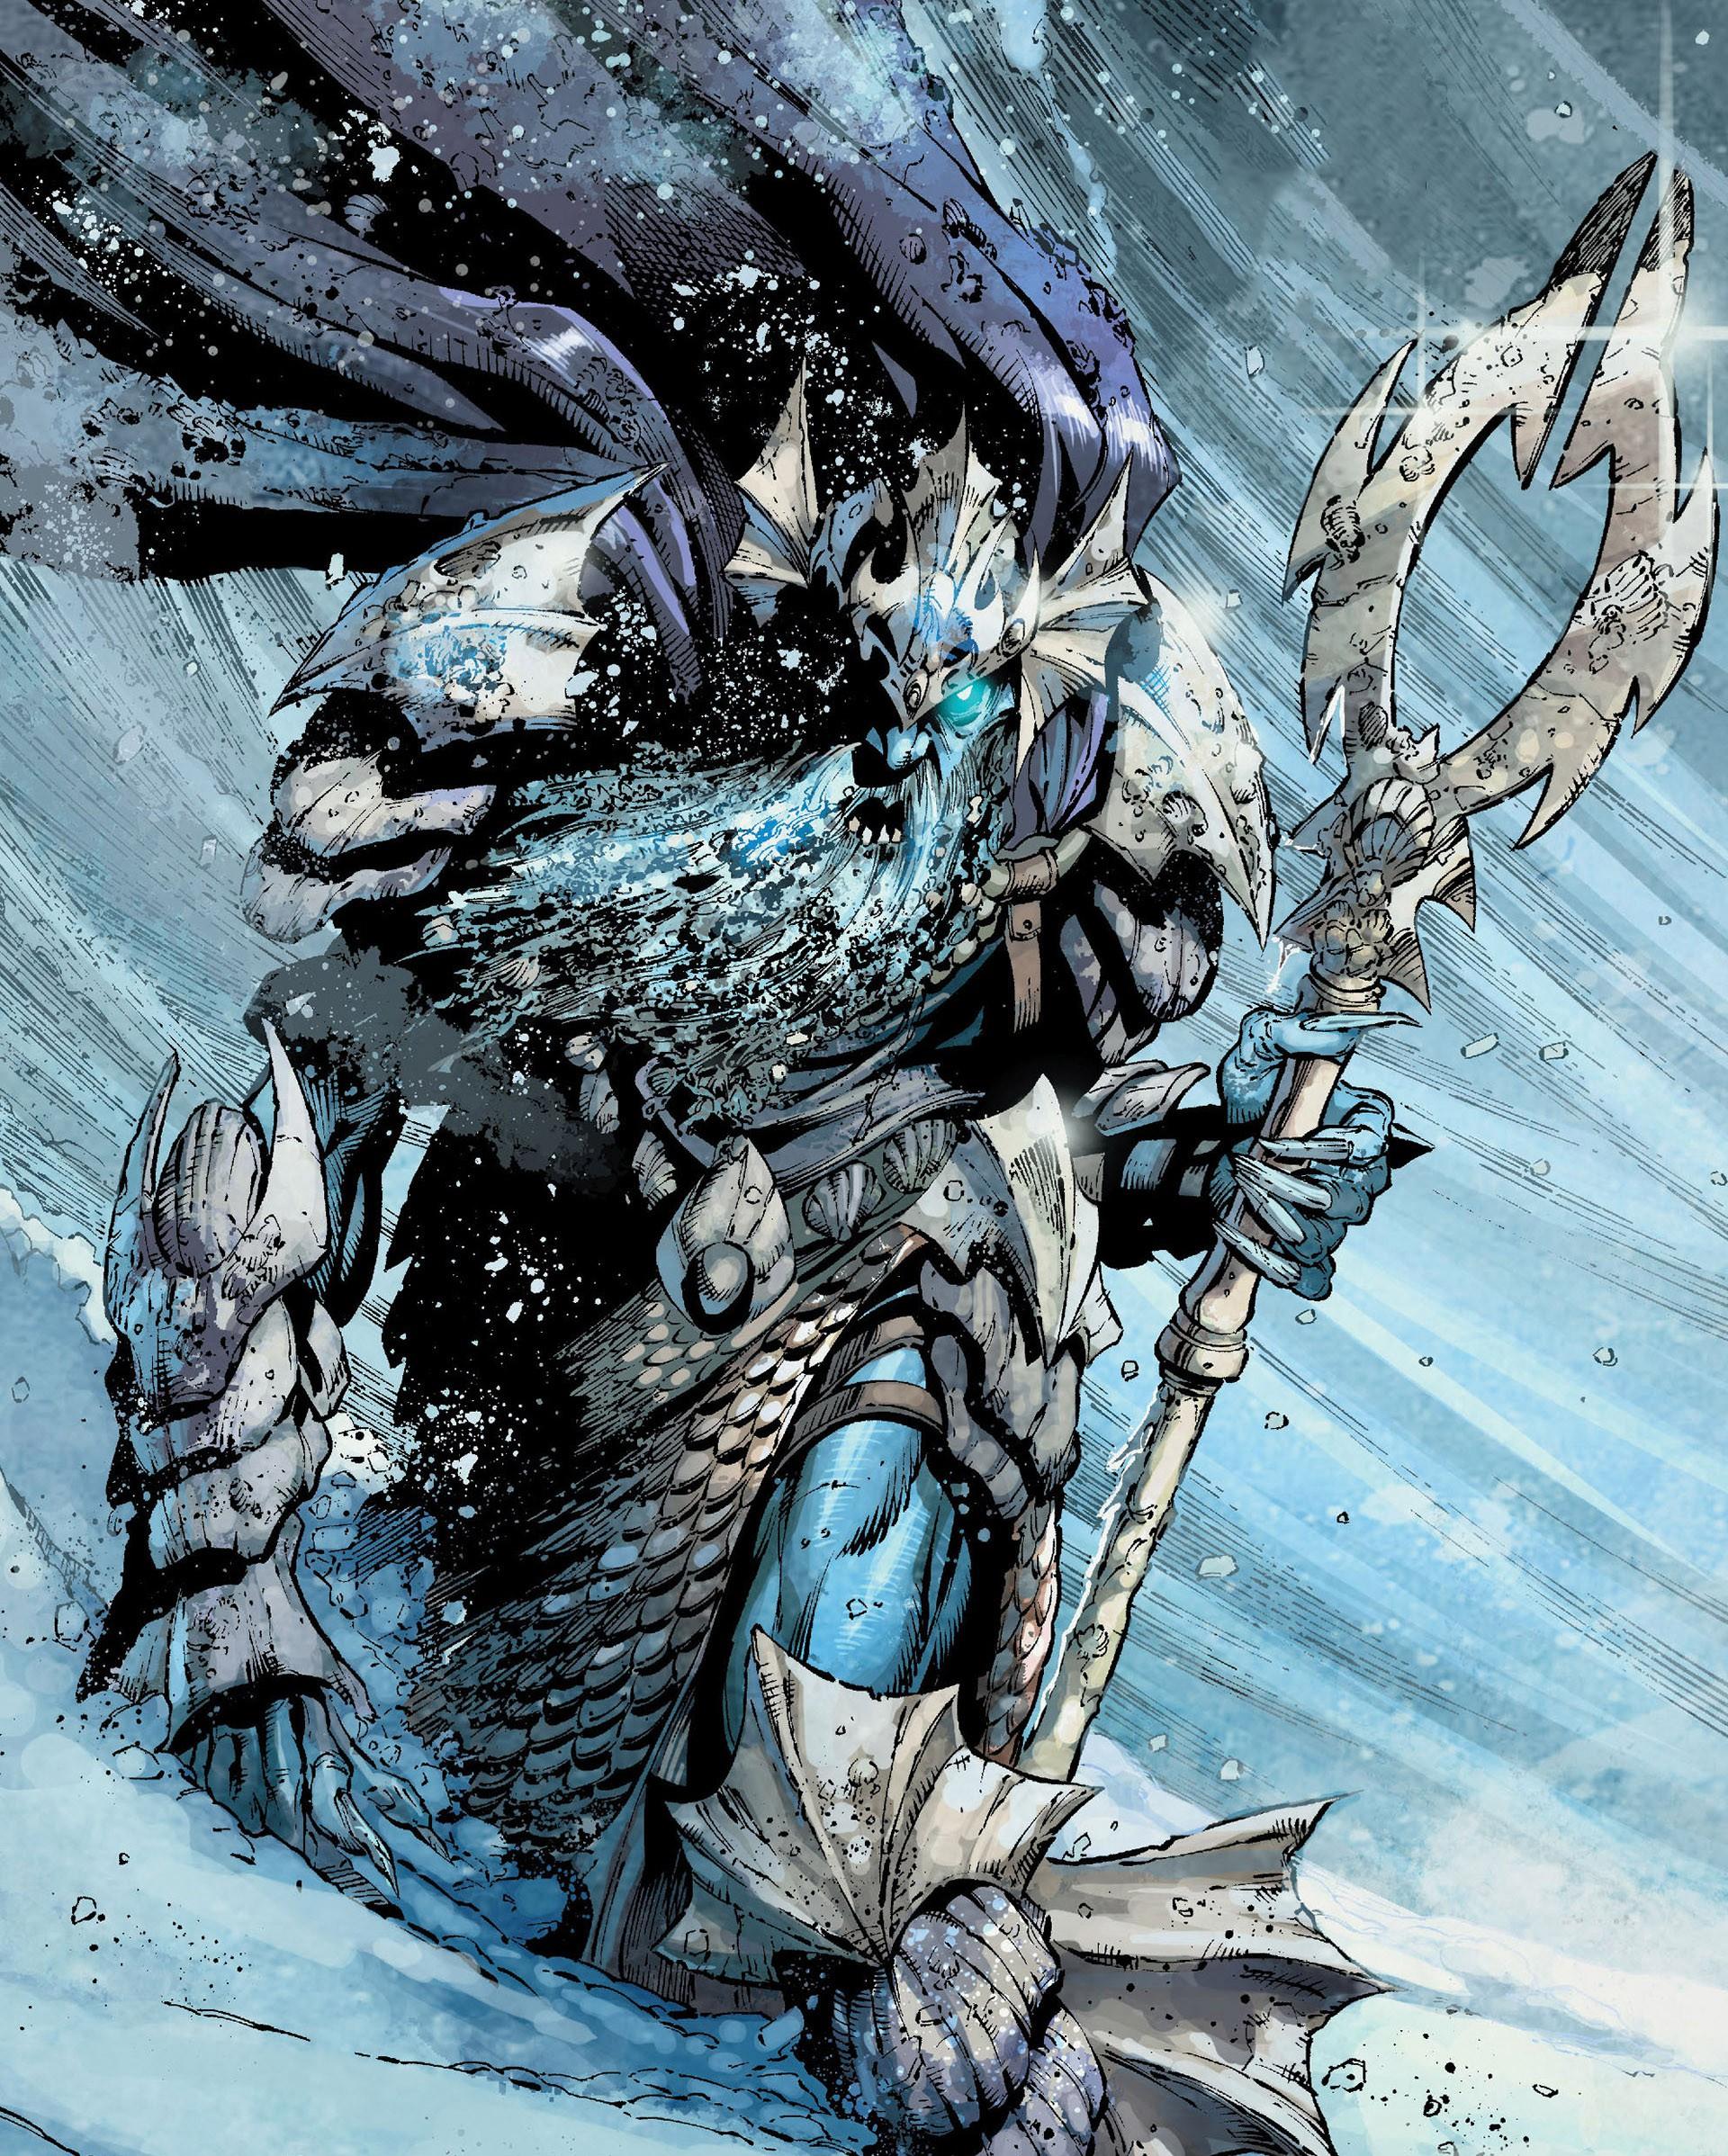 Cơn sốt Aquaman chưa tan, fan cuồng DC đã bắt mong ngóng 5 điểm sáng mới từ phần 2 - Ảnh 2.